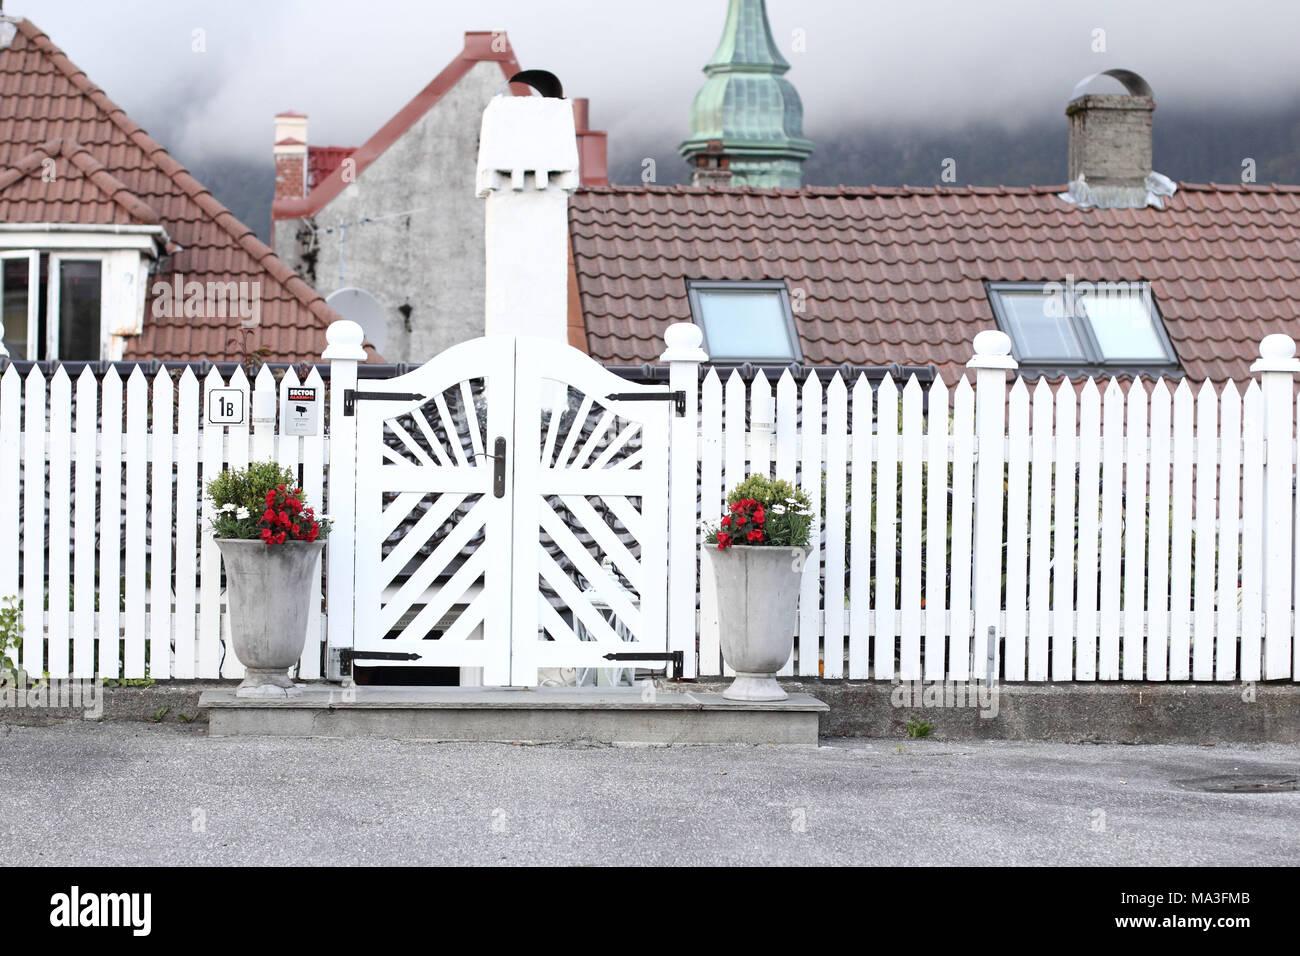 Staccionata Bianca In Legno bianco recinzione di legno foto & immagine stock: 178328427